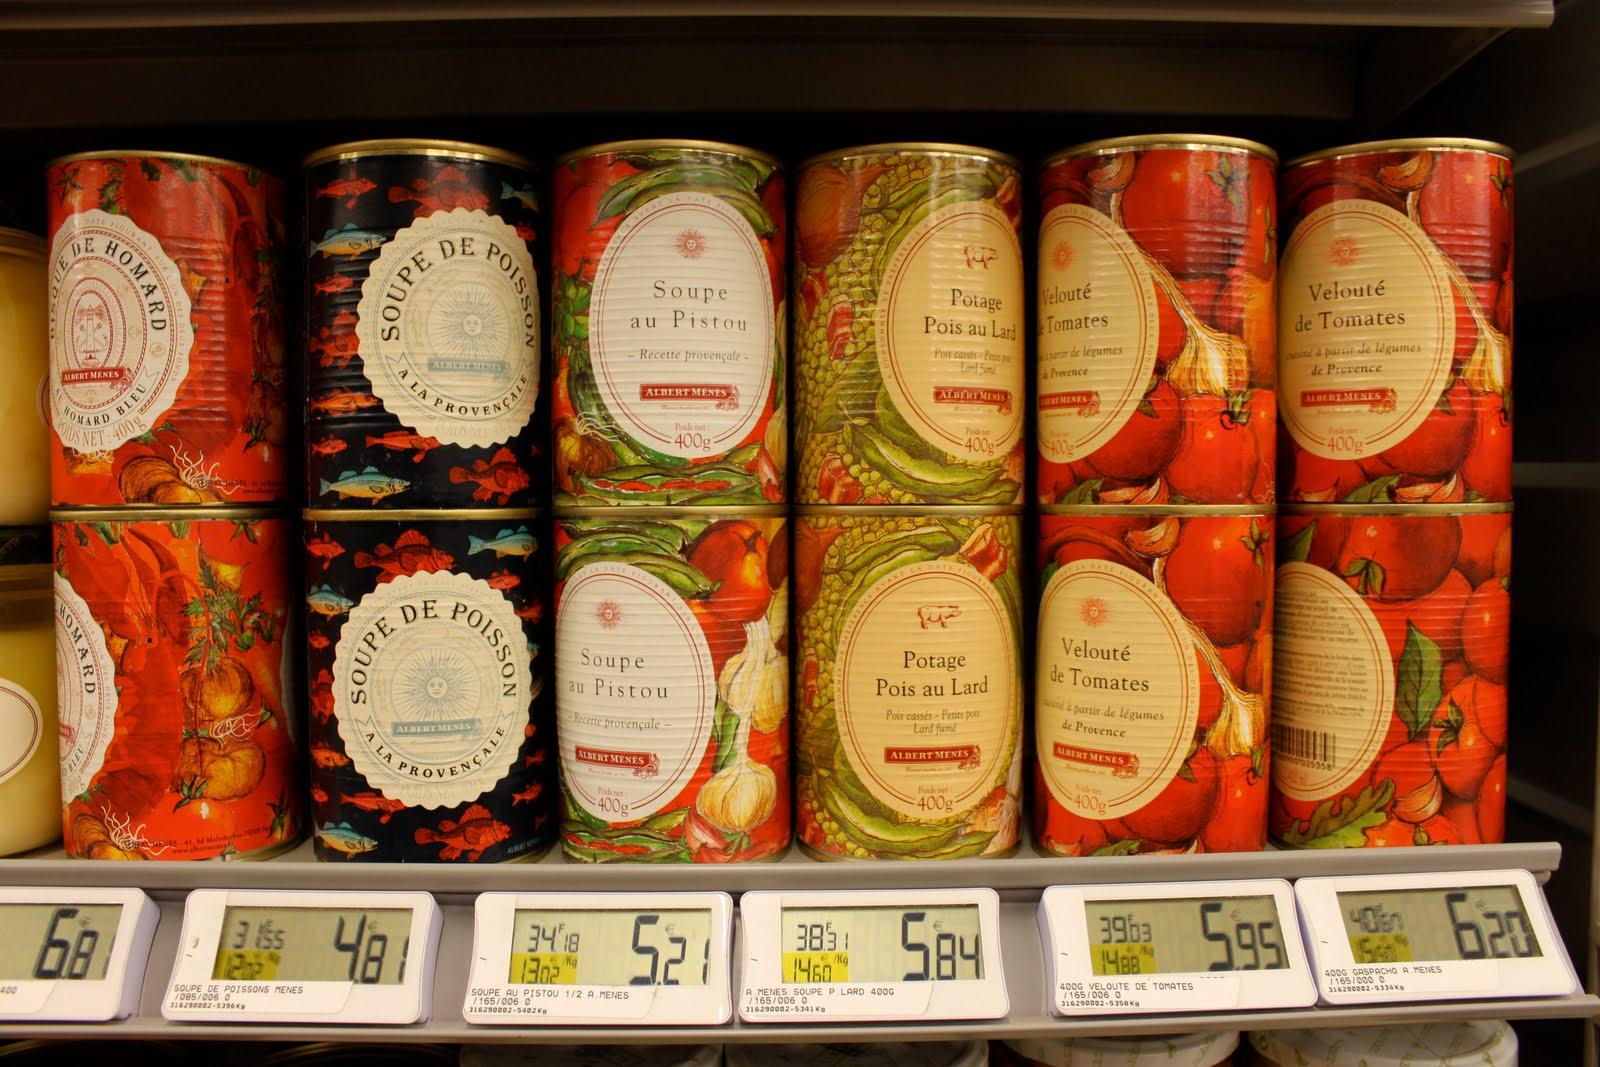 http://3.bp.blogspot.com/_6wRkY1LW0kU/TFkz4ShC3oI/AAAAAAAABtA/VOsfH_nvWWc/s1600/soup%2Bcans.jpg